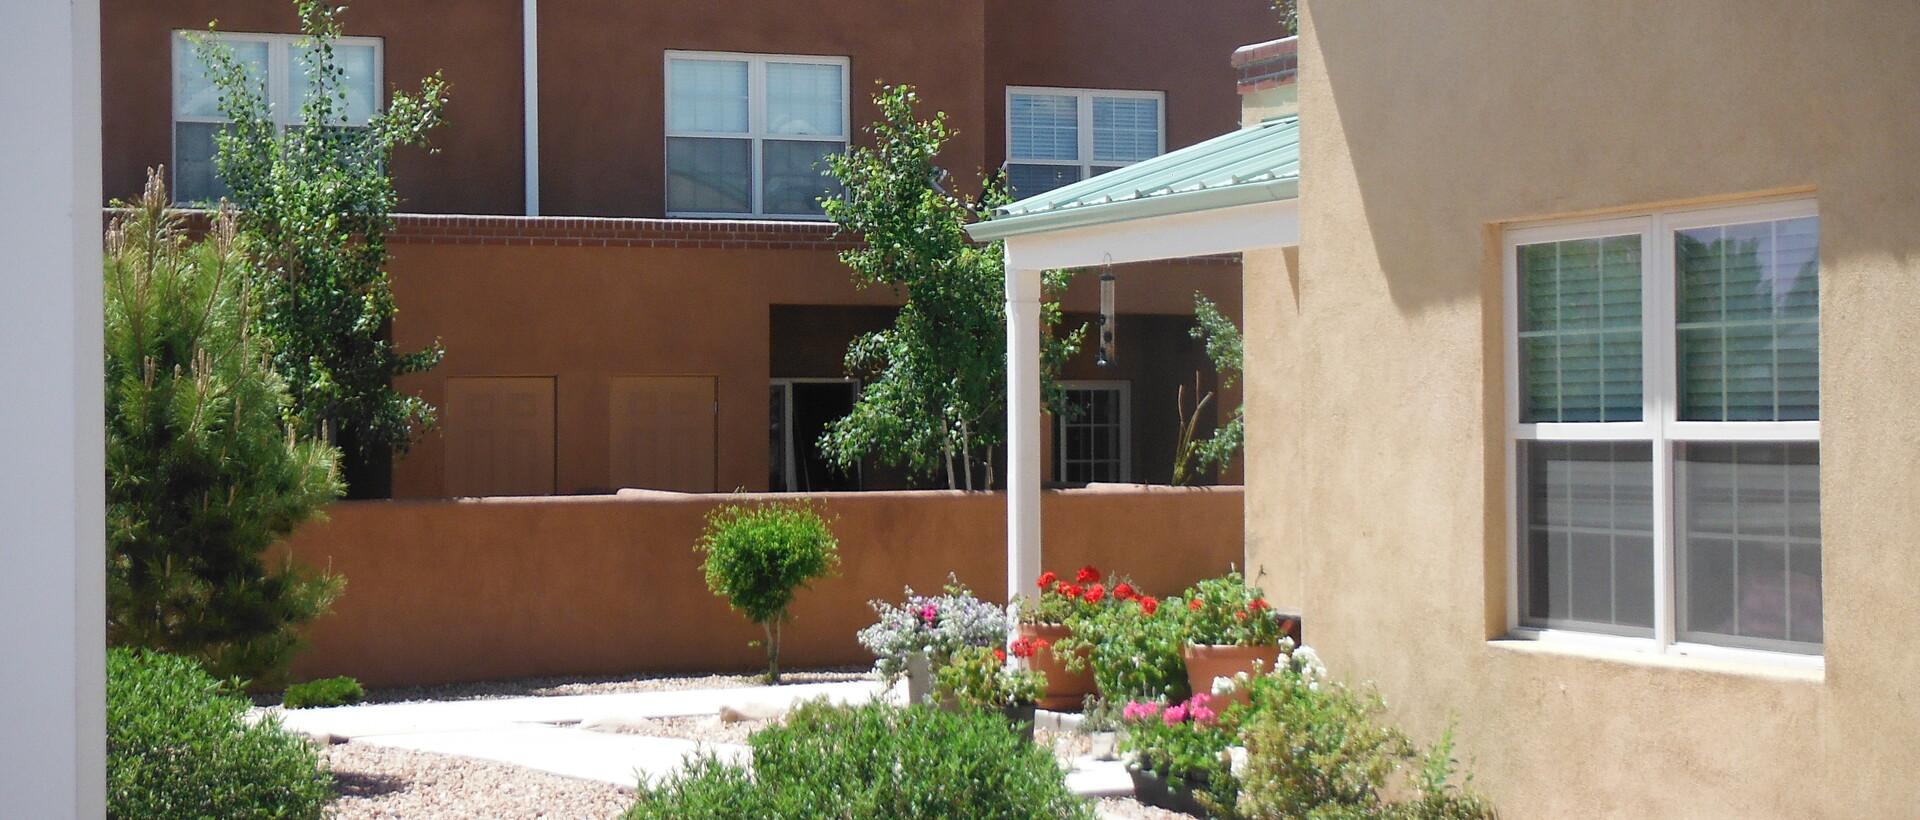 Apartments For Rent In Santa Fe, NM | Villa Alegre Apartments   Home